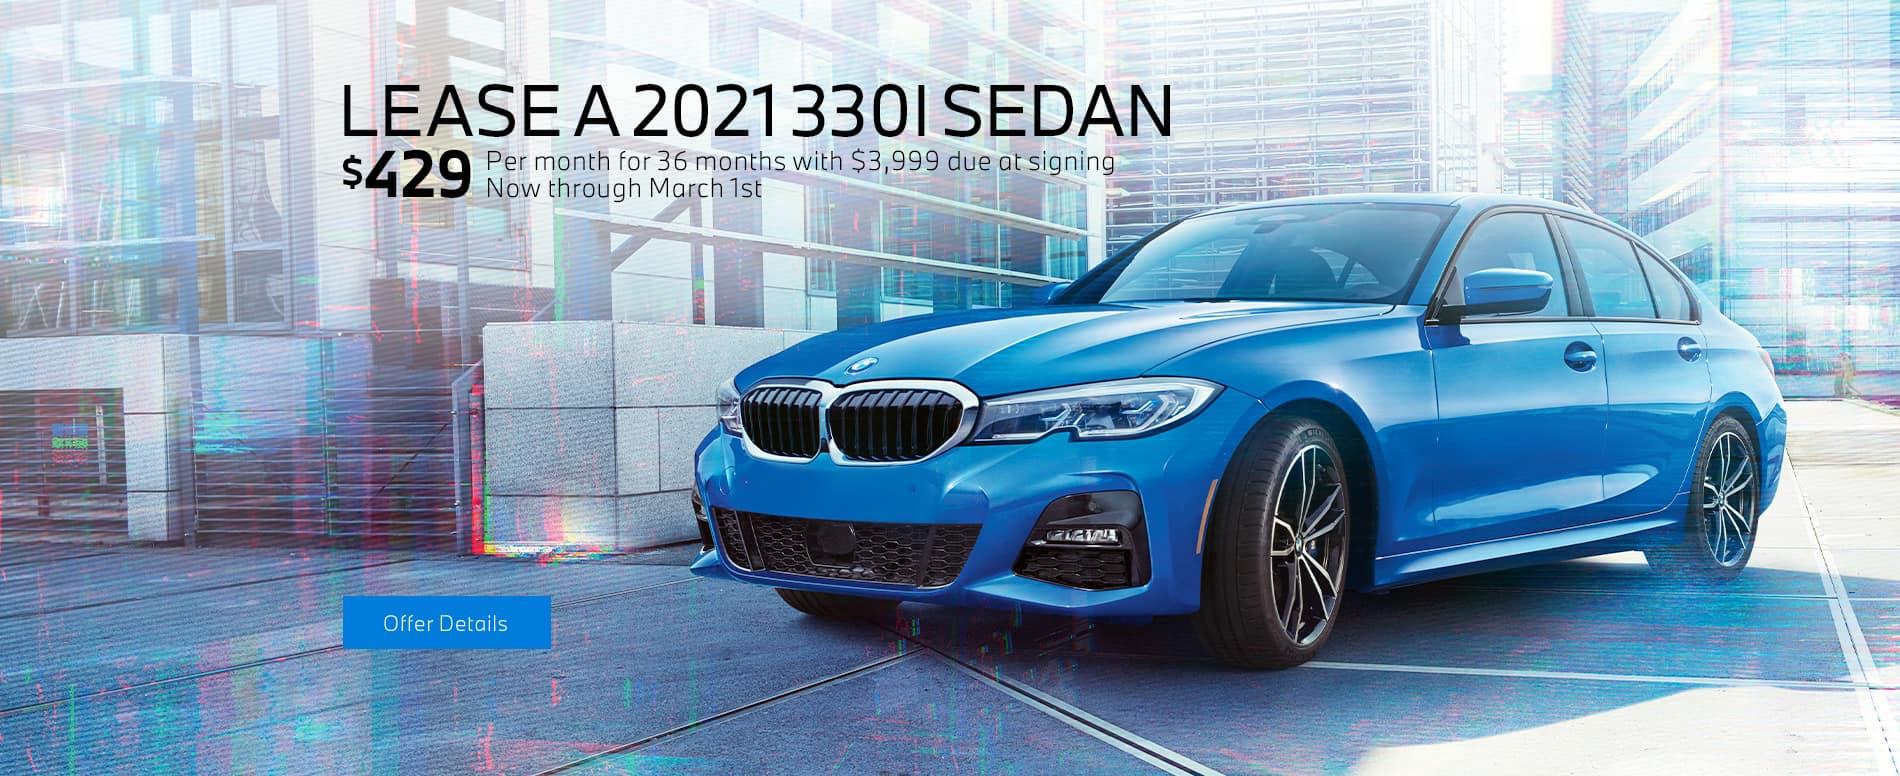 LEASE A 2021 330I SEDAN